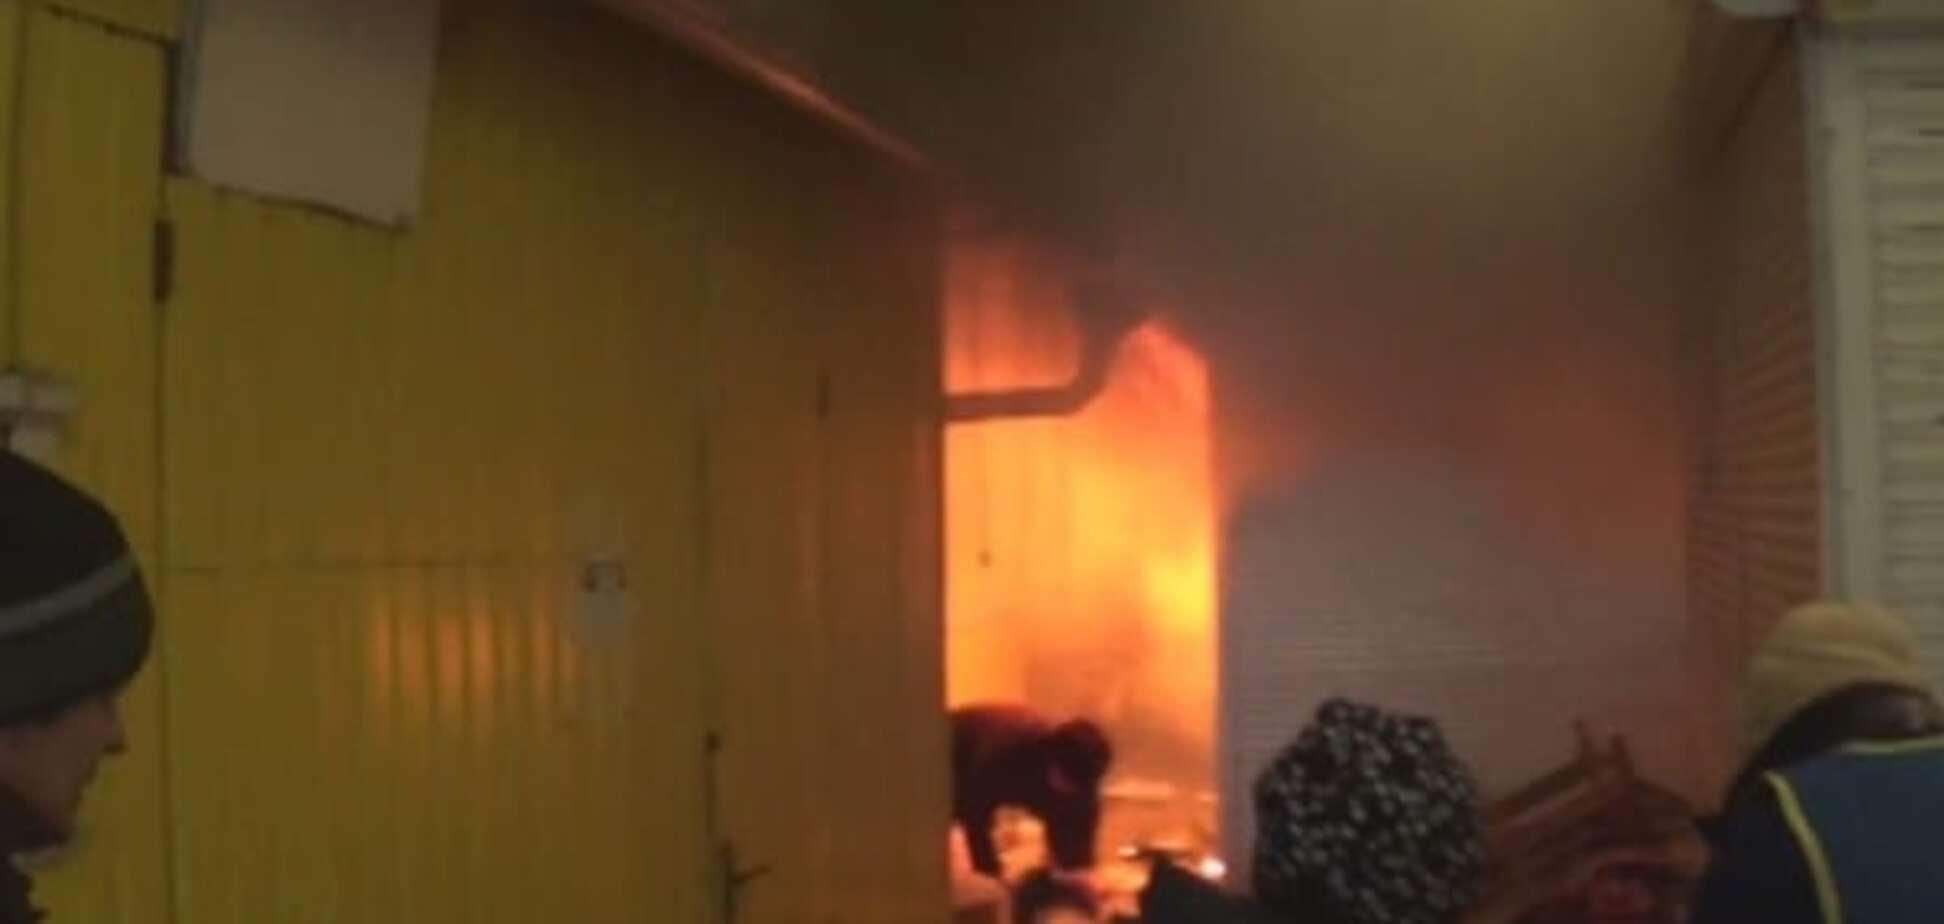 На Дніпропетровщині спалахнула страшна пожежа на ринку: відео з місця подій